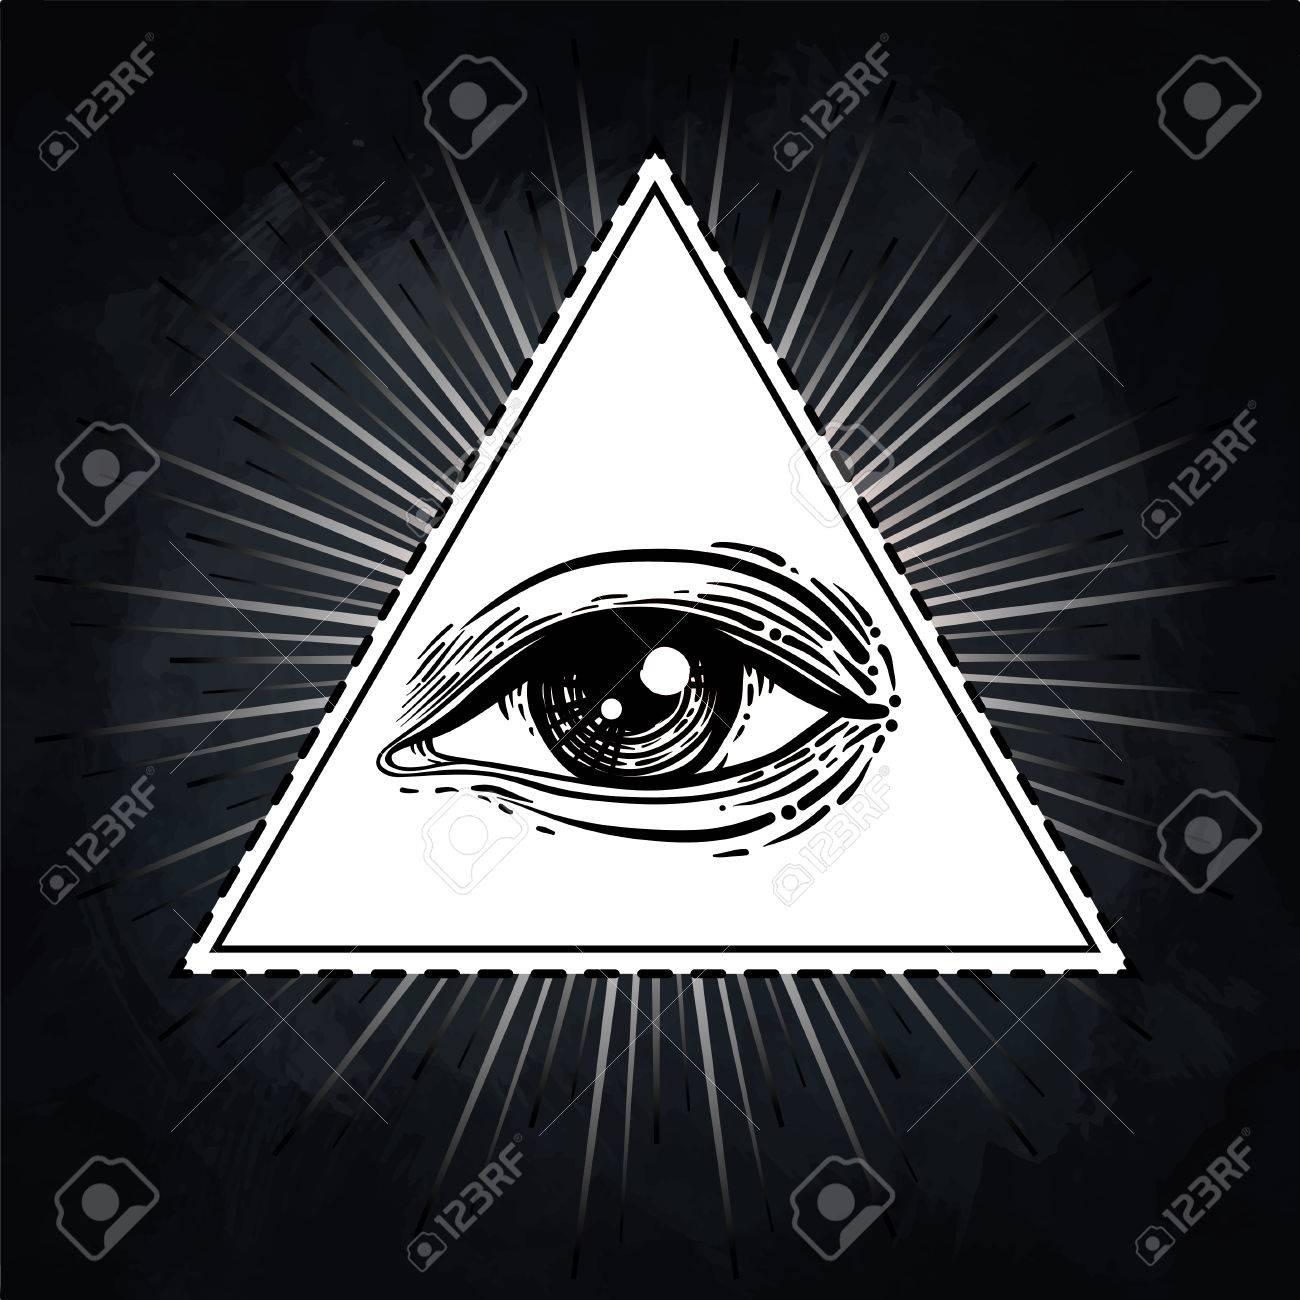 Números 5-3-2   Parravicini y JJ Benitez  79138112-ojo-de-la-providencia-s%C3%ADmbolo-mas%C3%B3nico-todo-el-ojo-que-ve-dentro-de-la-pir%C3%A1mide-del-tri%C3%A1ngulo-nuevo-orden-mun